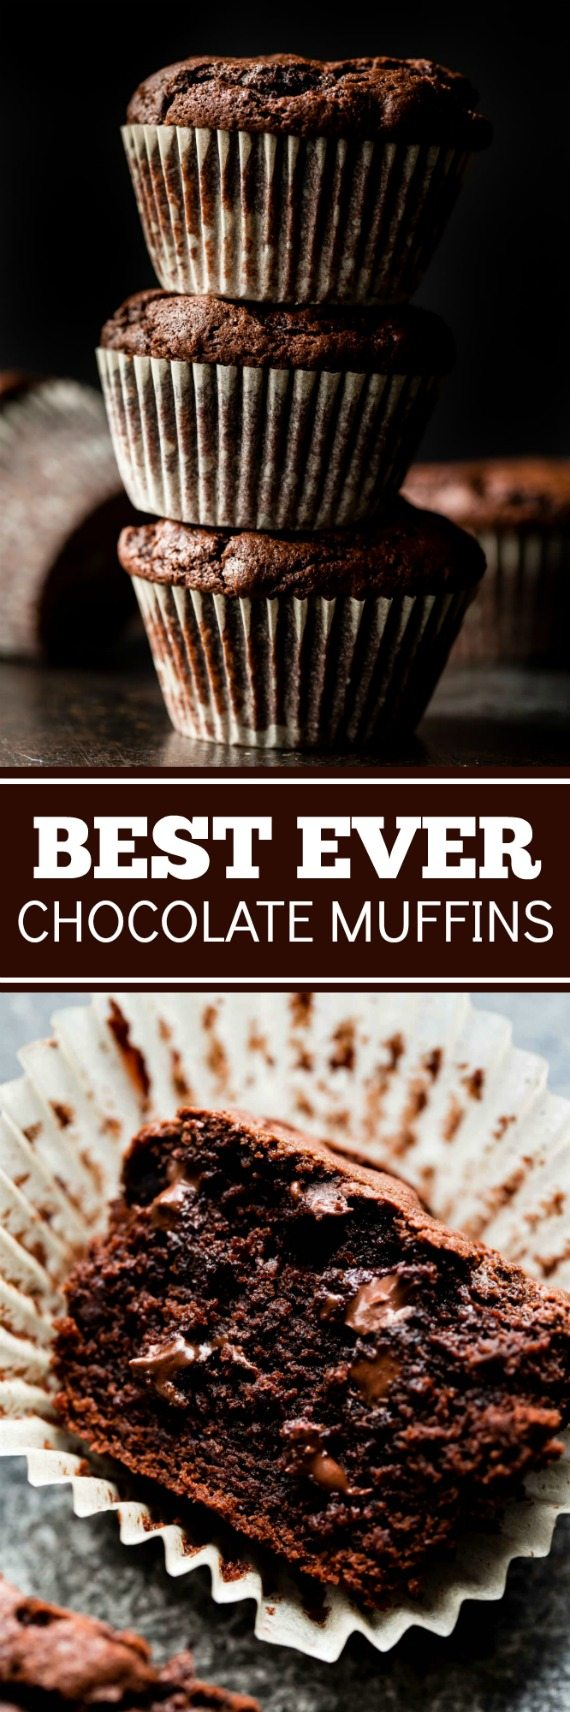 Muffins au chocolat triple - Recettes du Monde